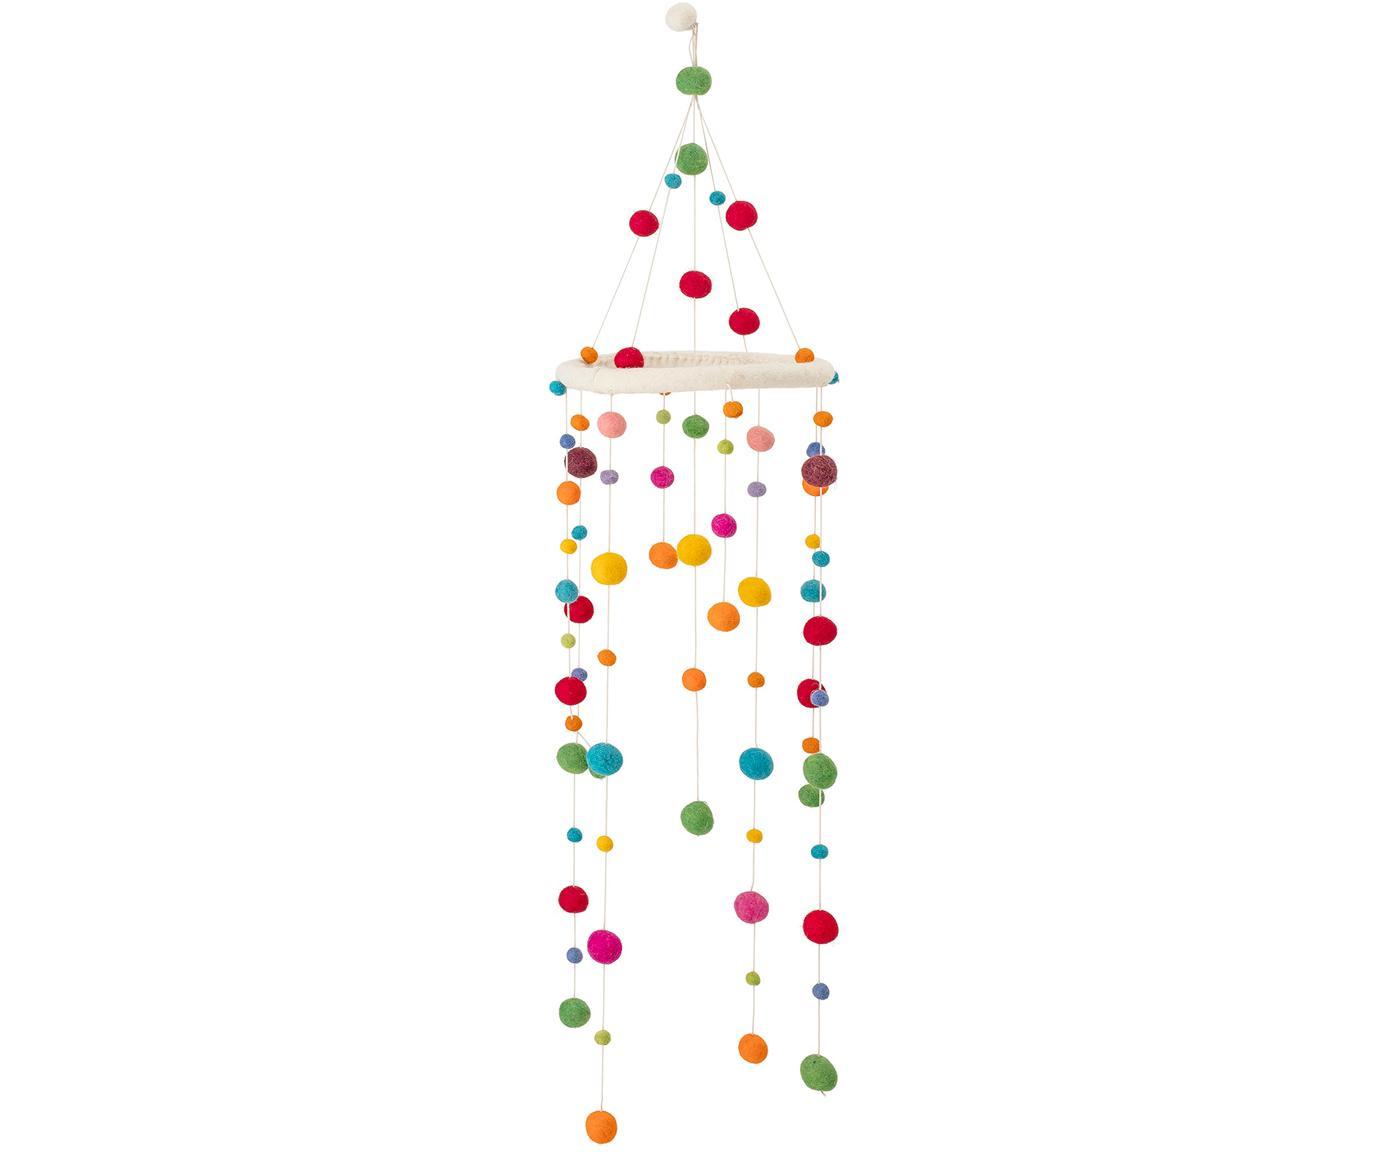 Giostrina acchiappasogni per neonati Dots, Feltro di lana, legno, Multicolore, Ø 24 x Alt. 95 cm